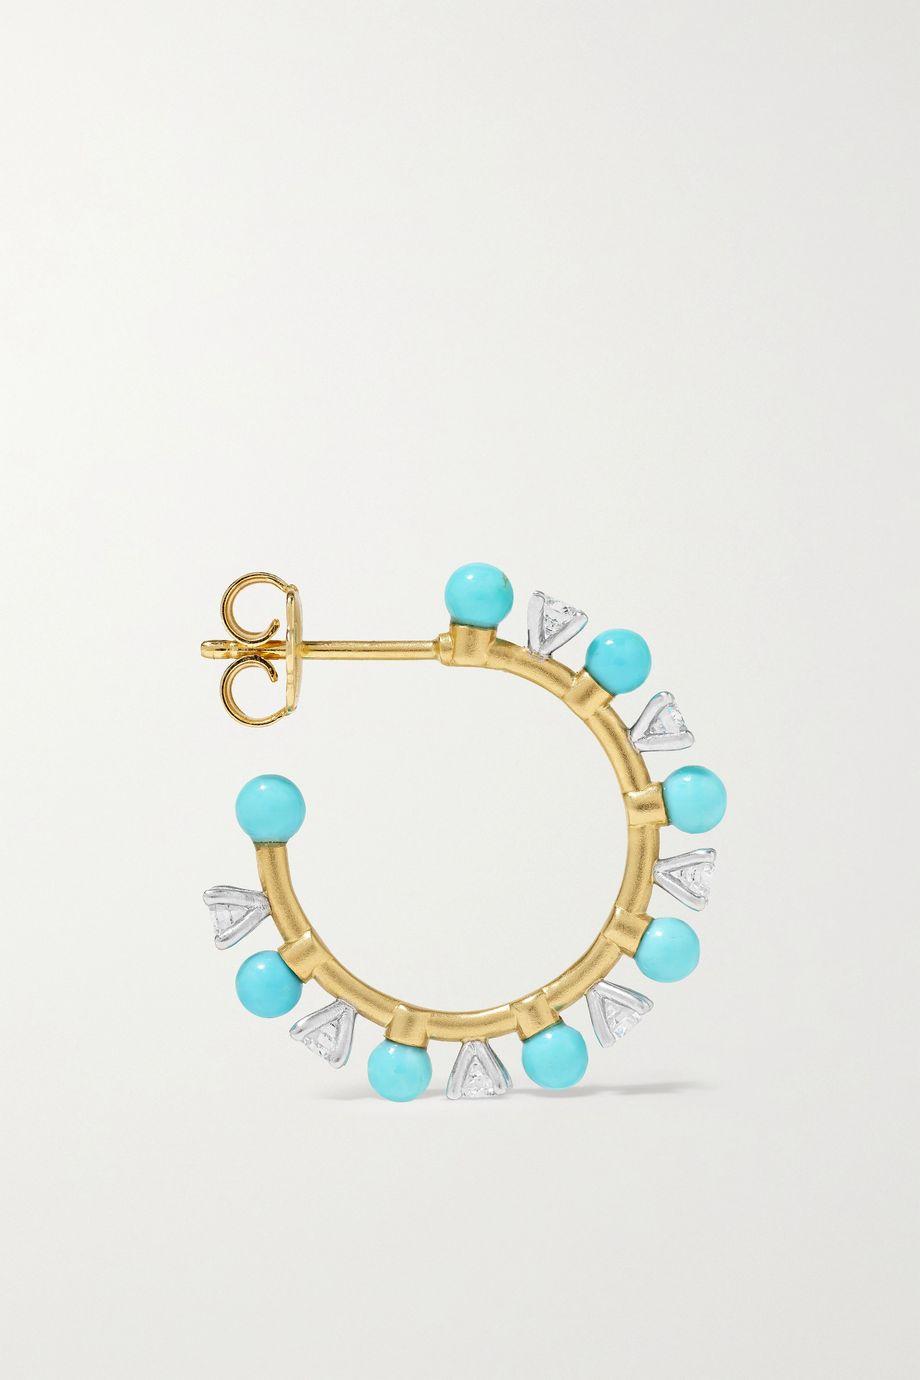 Irene Neuwirth Gumball 18-karat yellow and white gold, diamond and turquoise hoop earrings